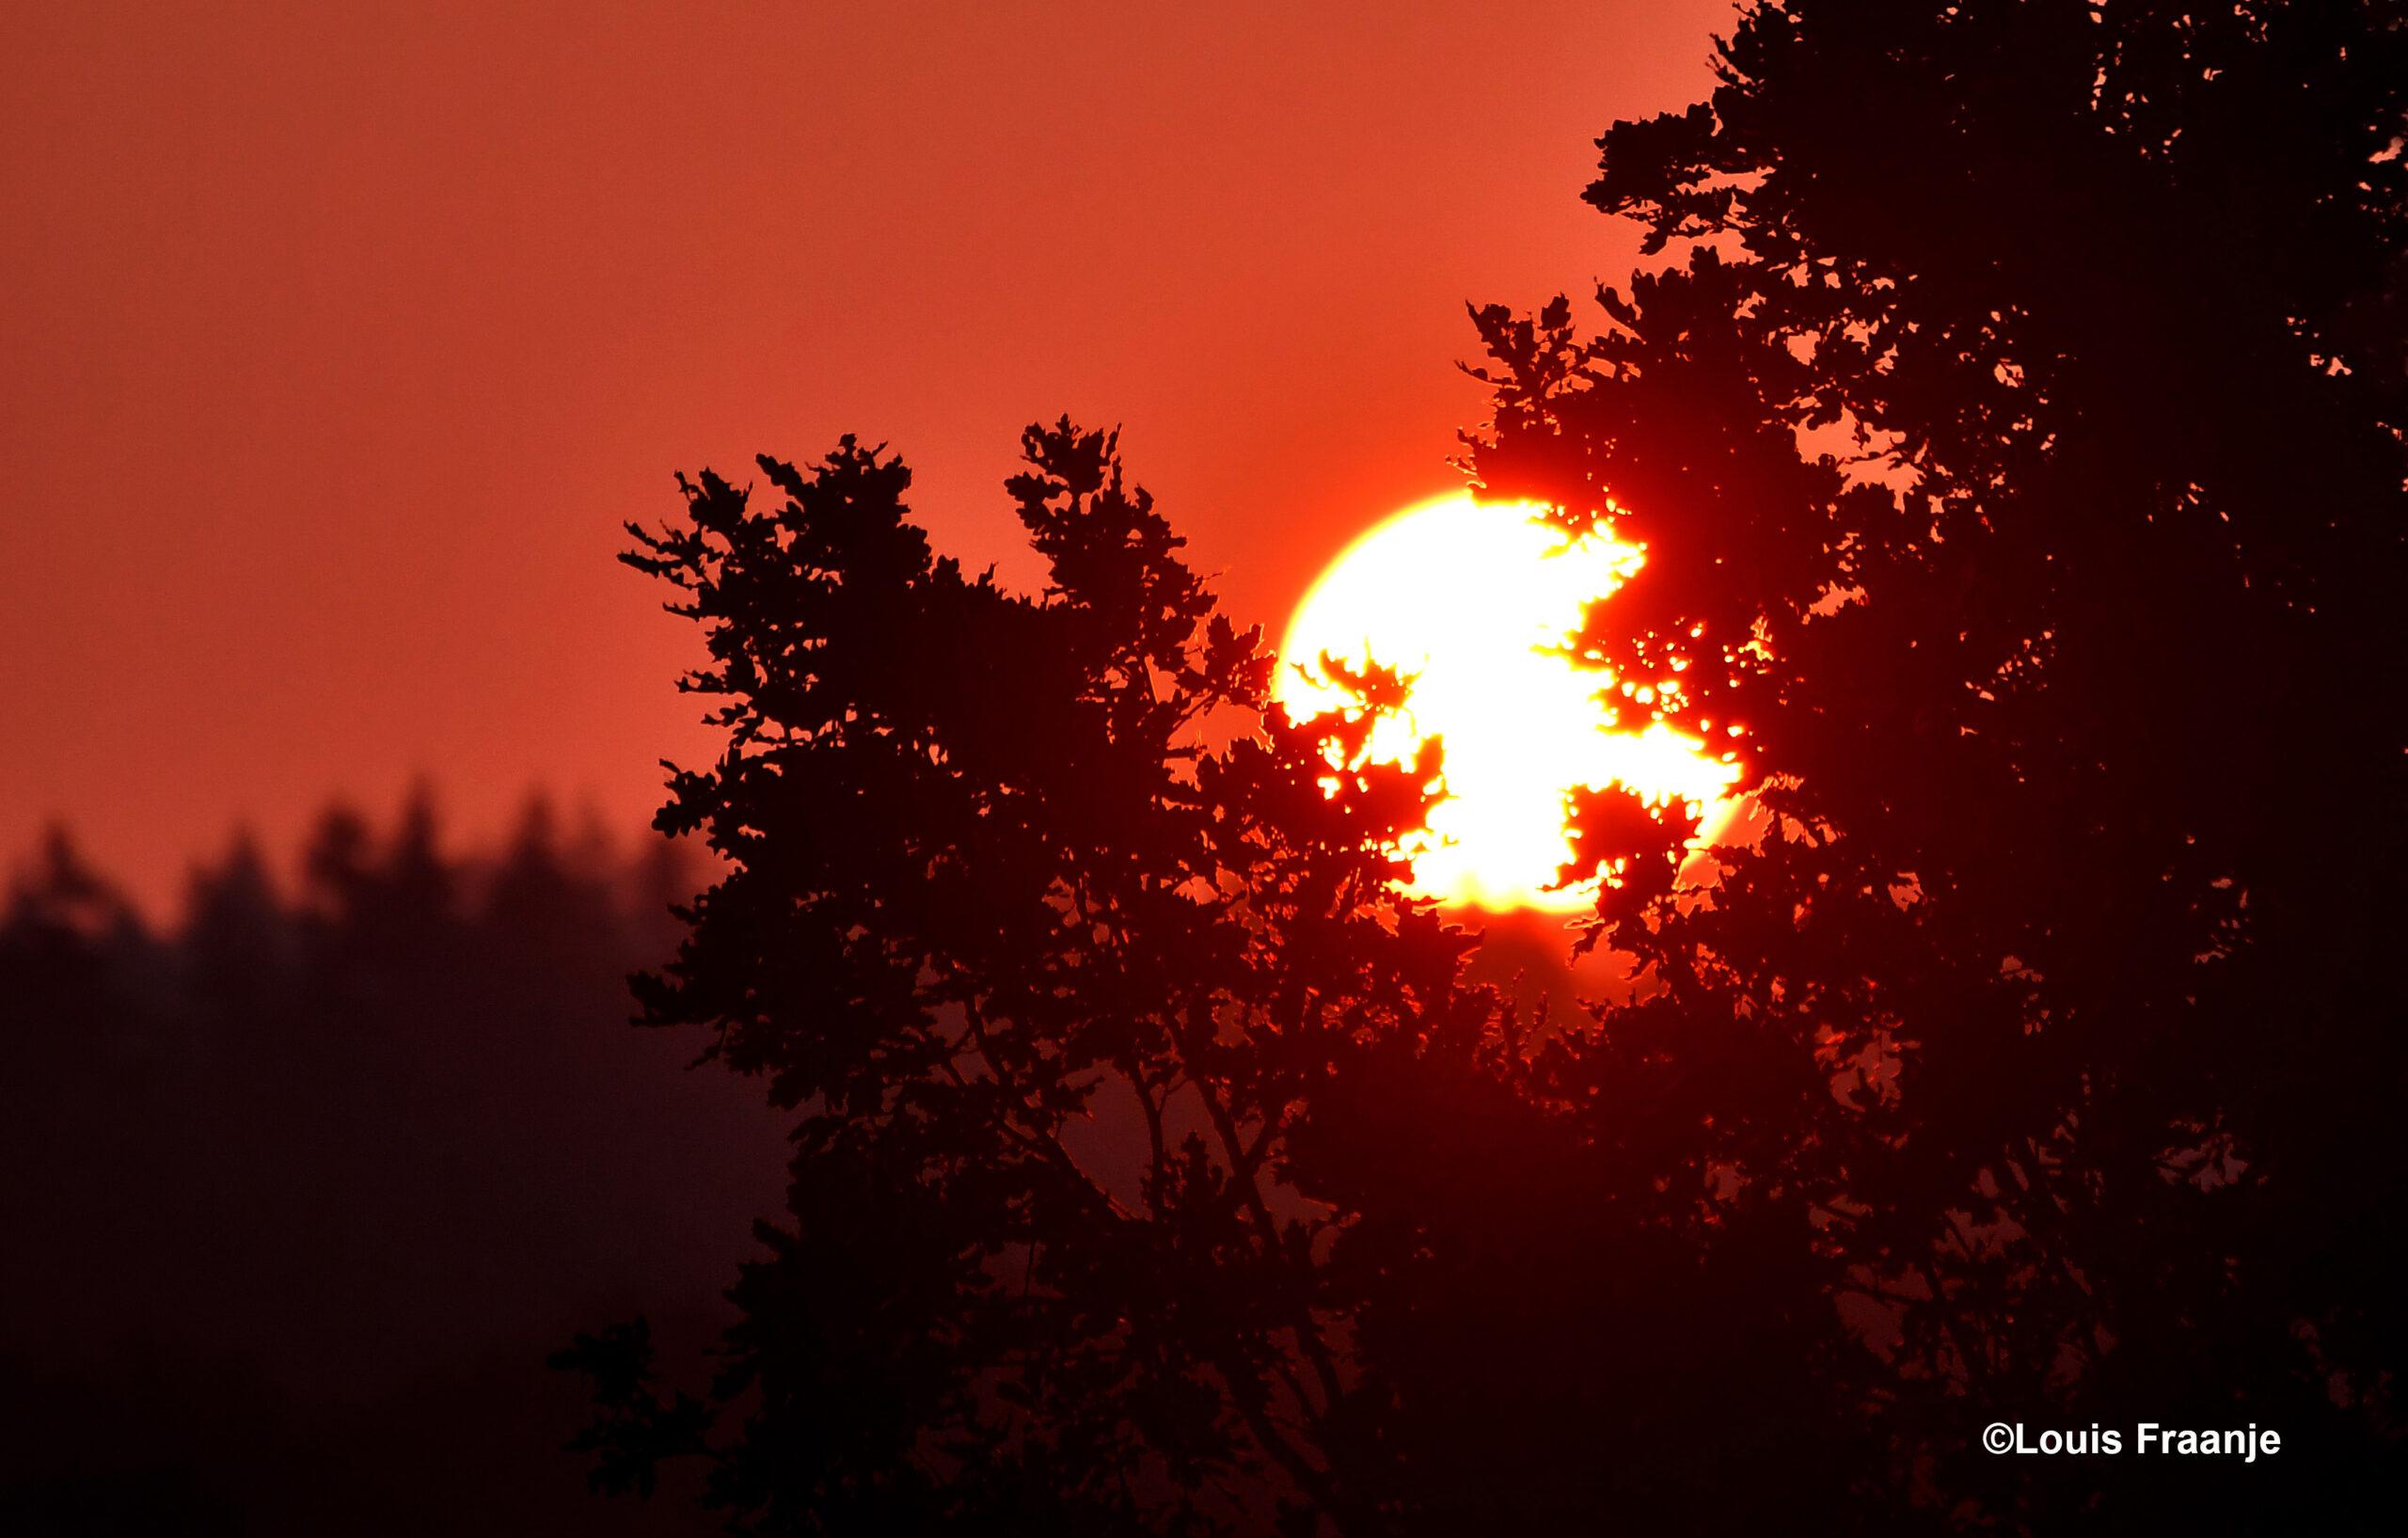 Vanmorgen scheen de zon tussen de bomen door ons tegemoet- Foto: ©Louis Fraanje